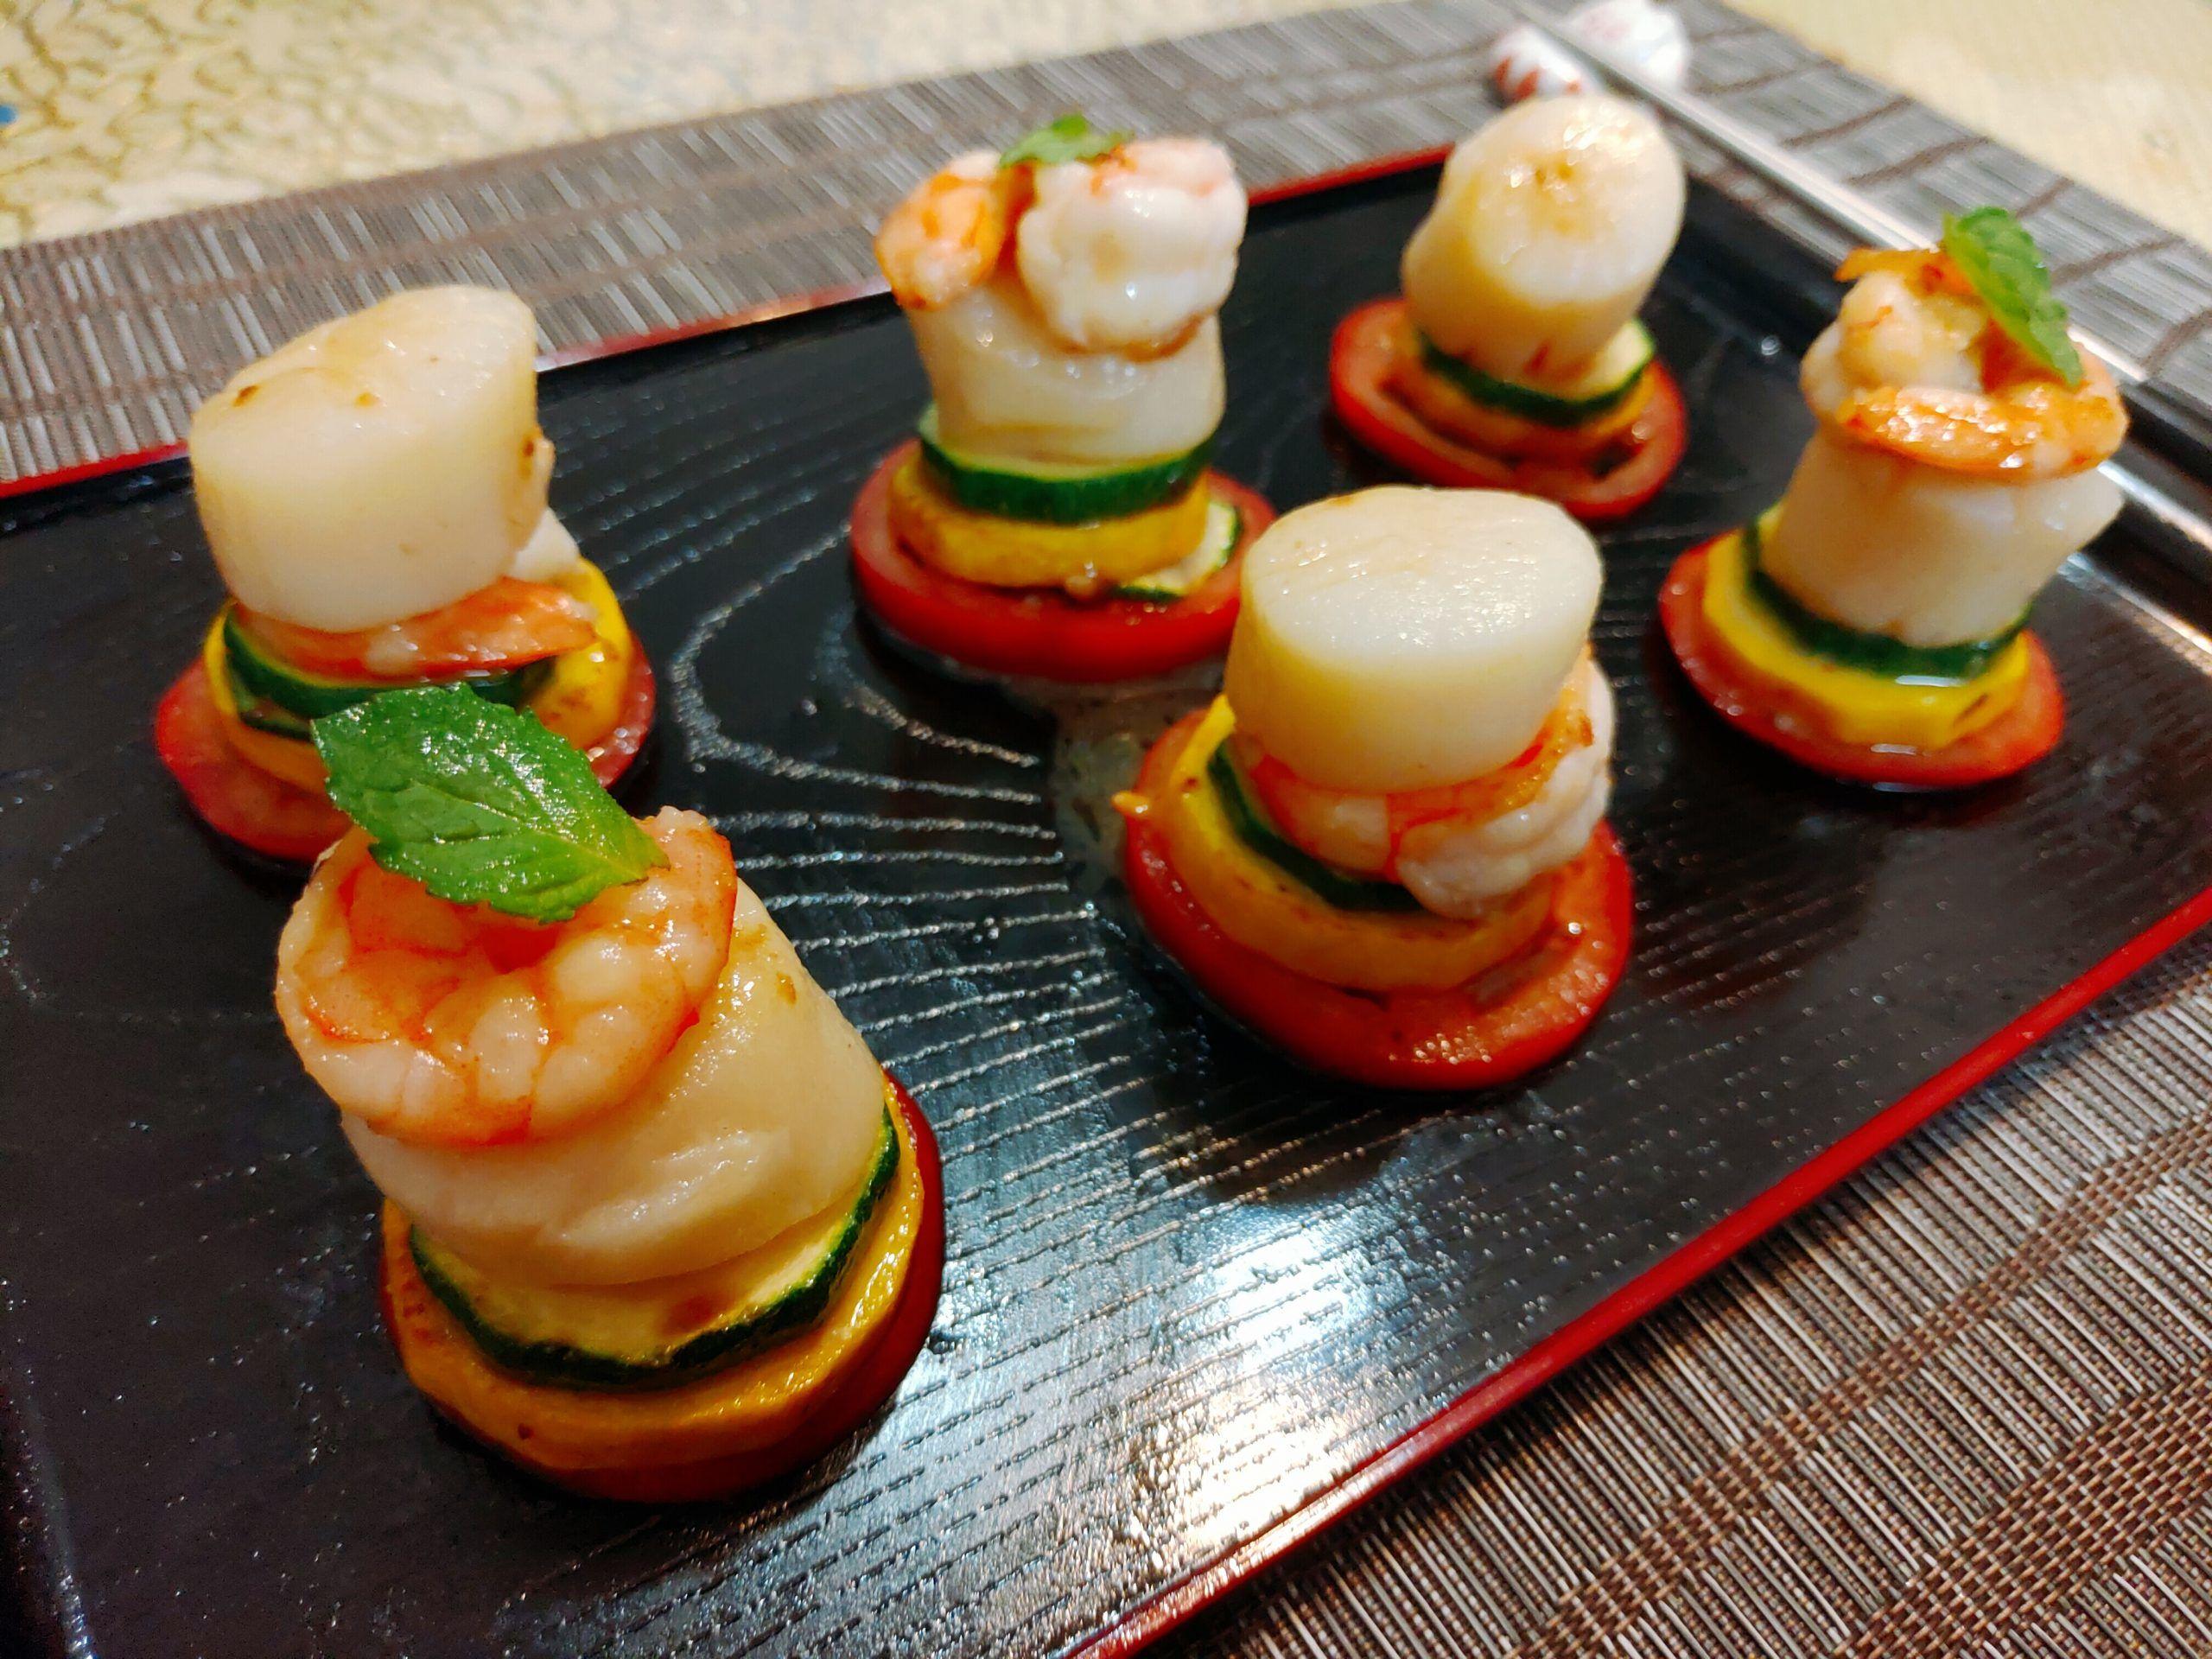 【食譜】鮮蝦干貝塔|蝦與干貝的完美結合,漂亮美味又好拍